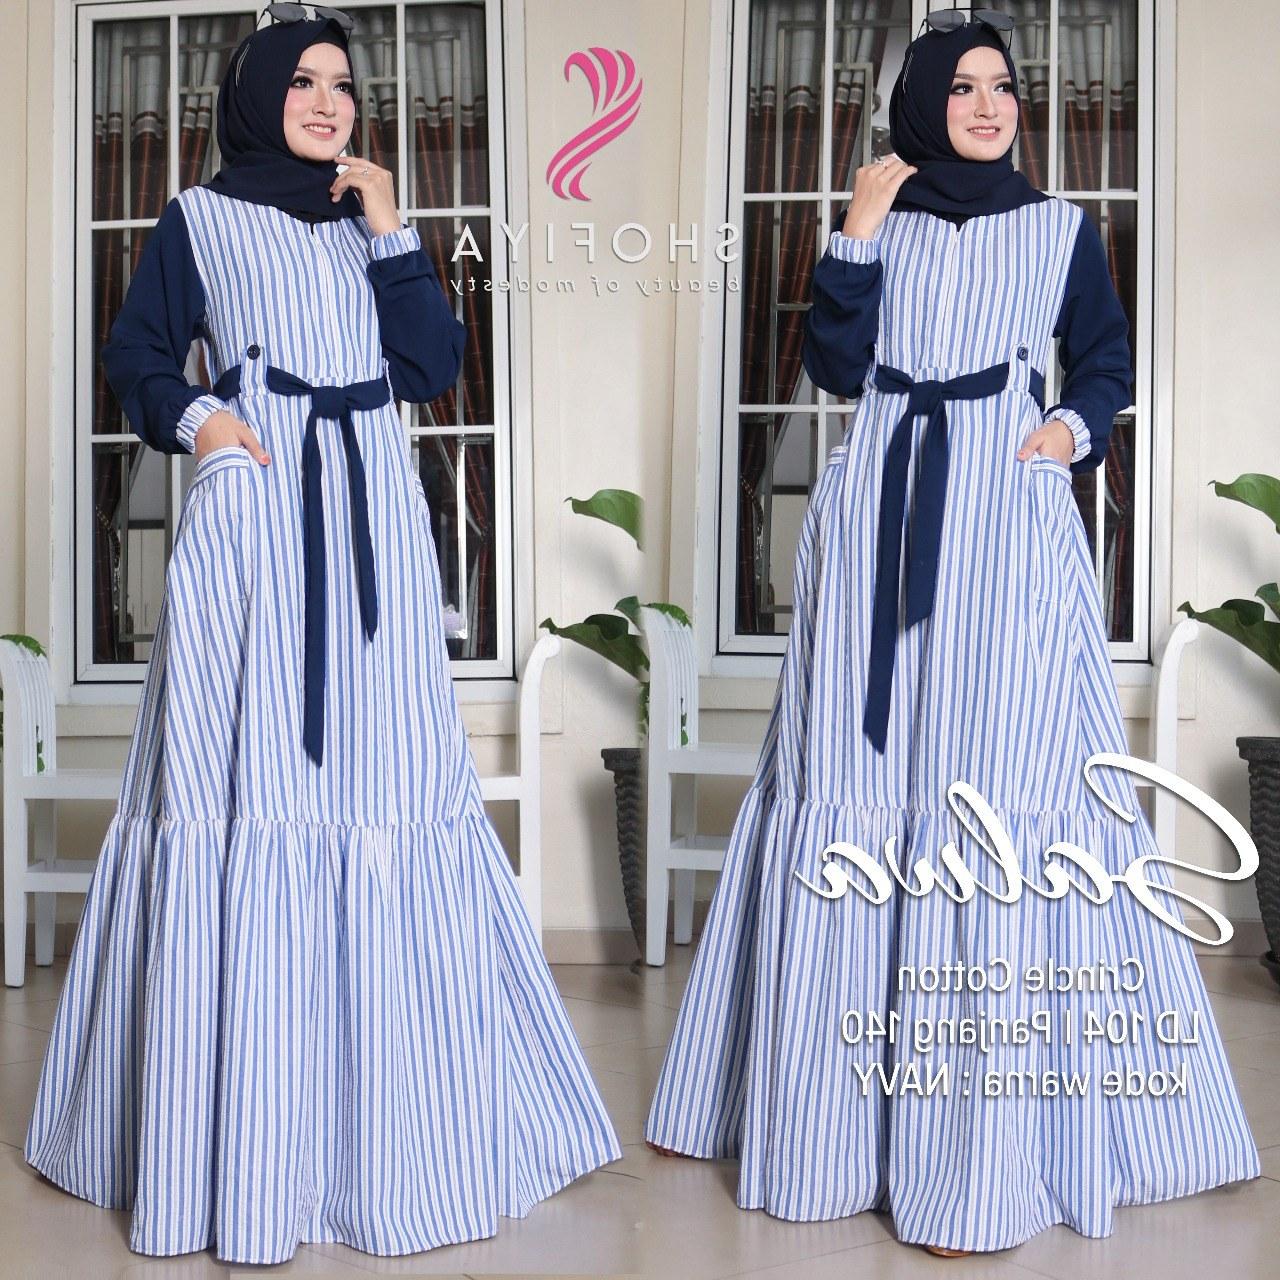 Inspirasi Model Baju Lebaran Gamis 9ddf Baju Gamis Terbaru Lebaran Wa 0811 5131 482